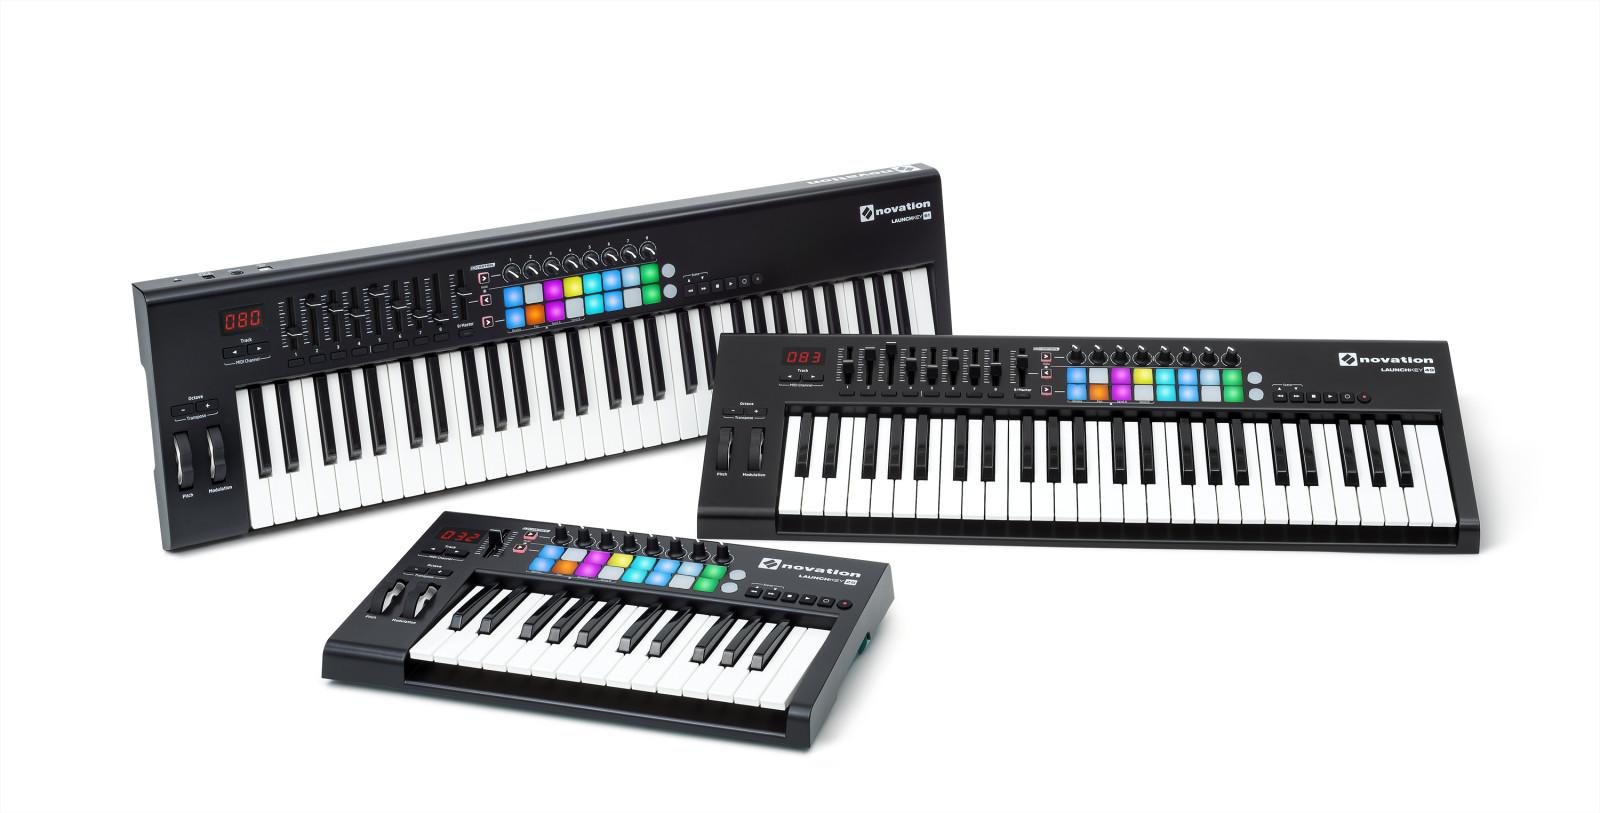 Moderni MIDI-koskettimisto, kuten Novation Launchkey Mk2, on monipuolinen työkalu. Kuva: Novation